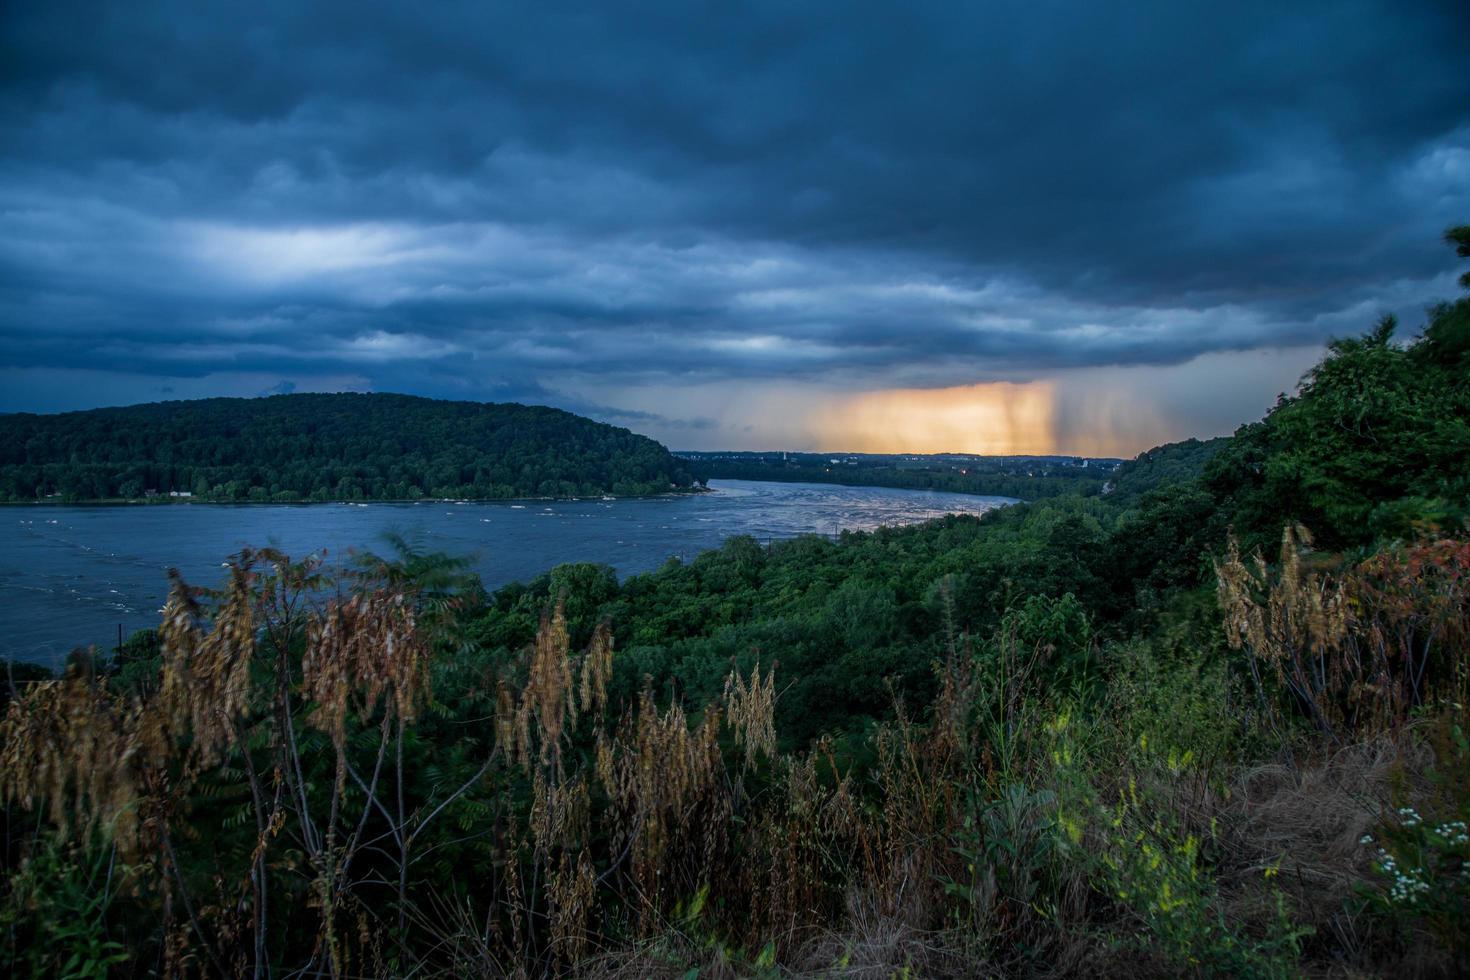 tempesta estiva su un fiume foto